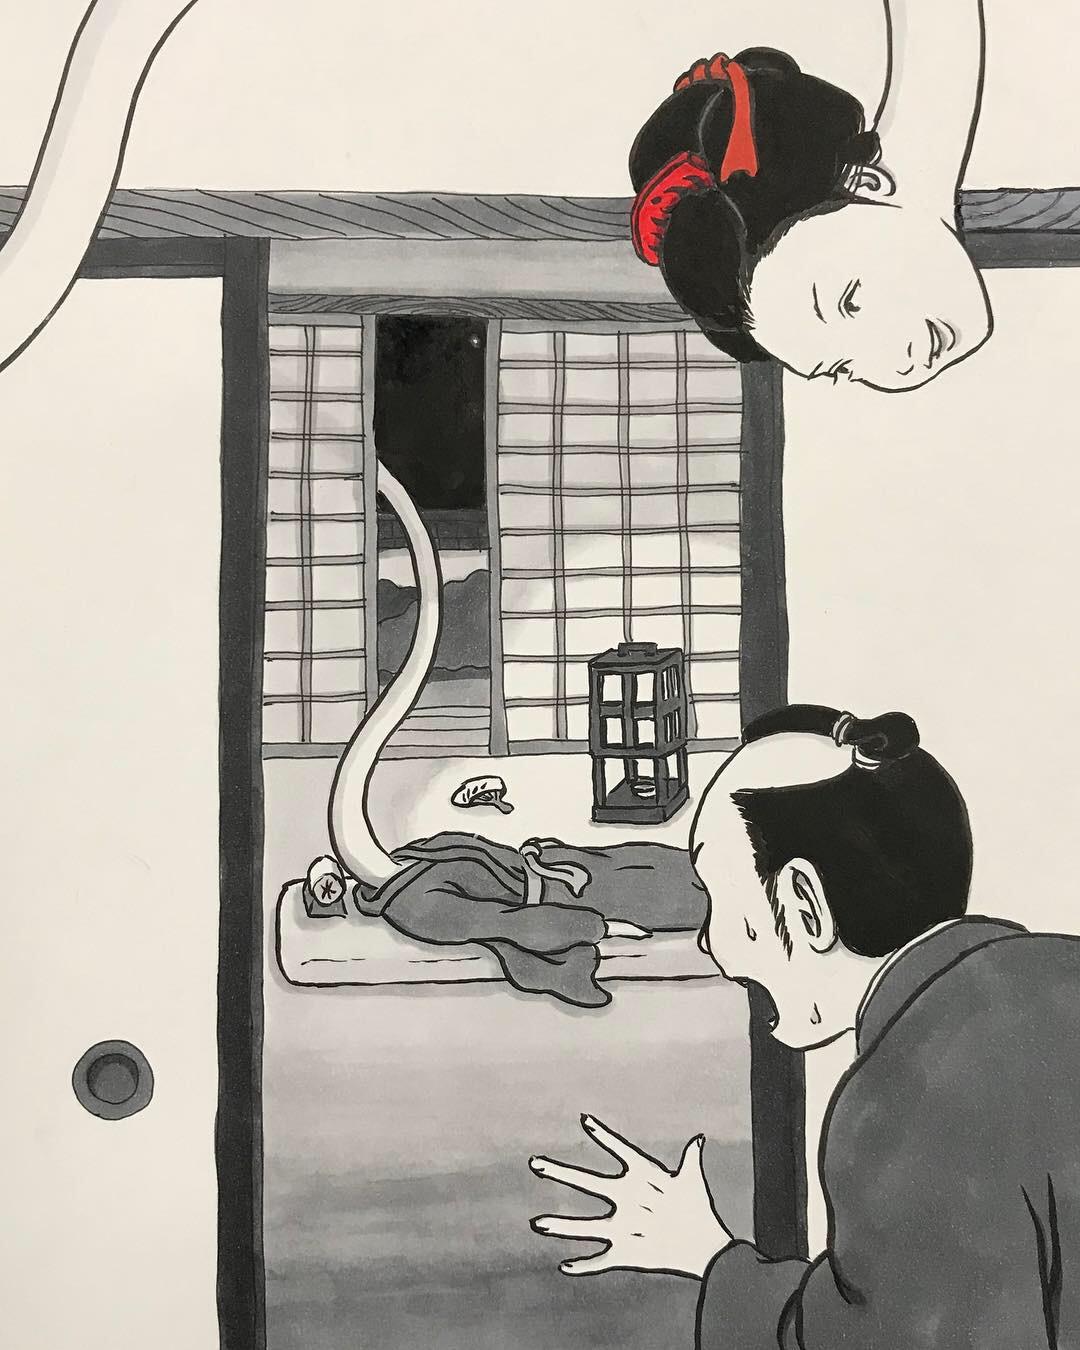 ろくろっ首のお菊さん久々 ROKURO-KUBI4